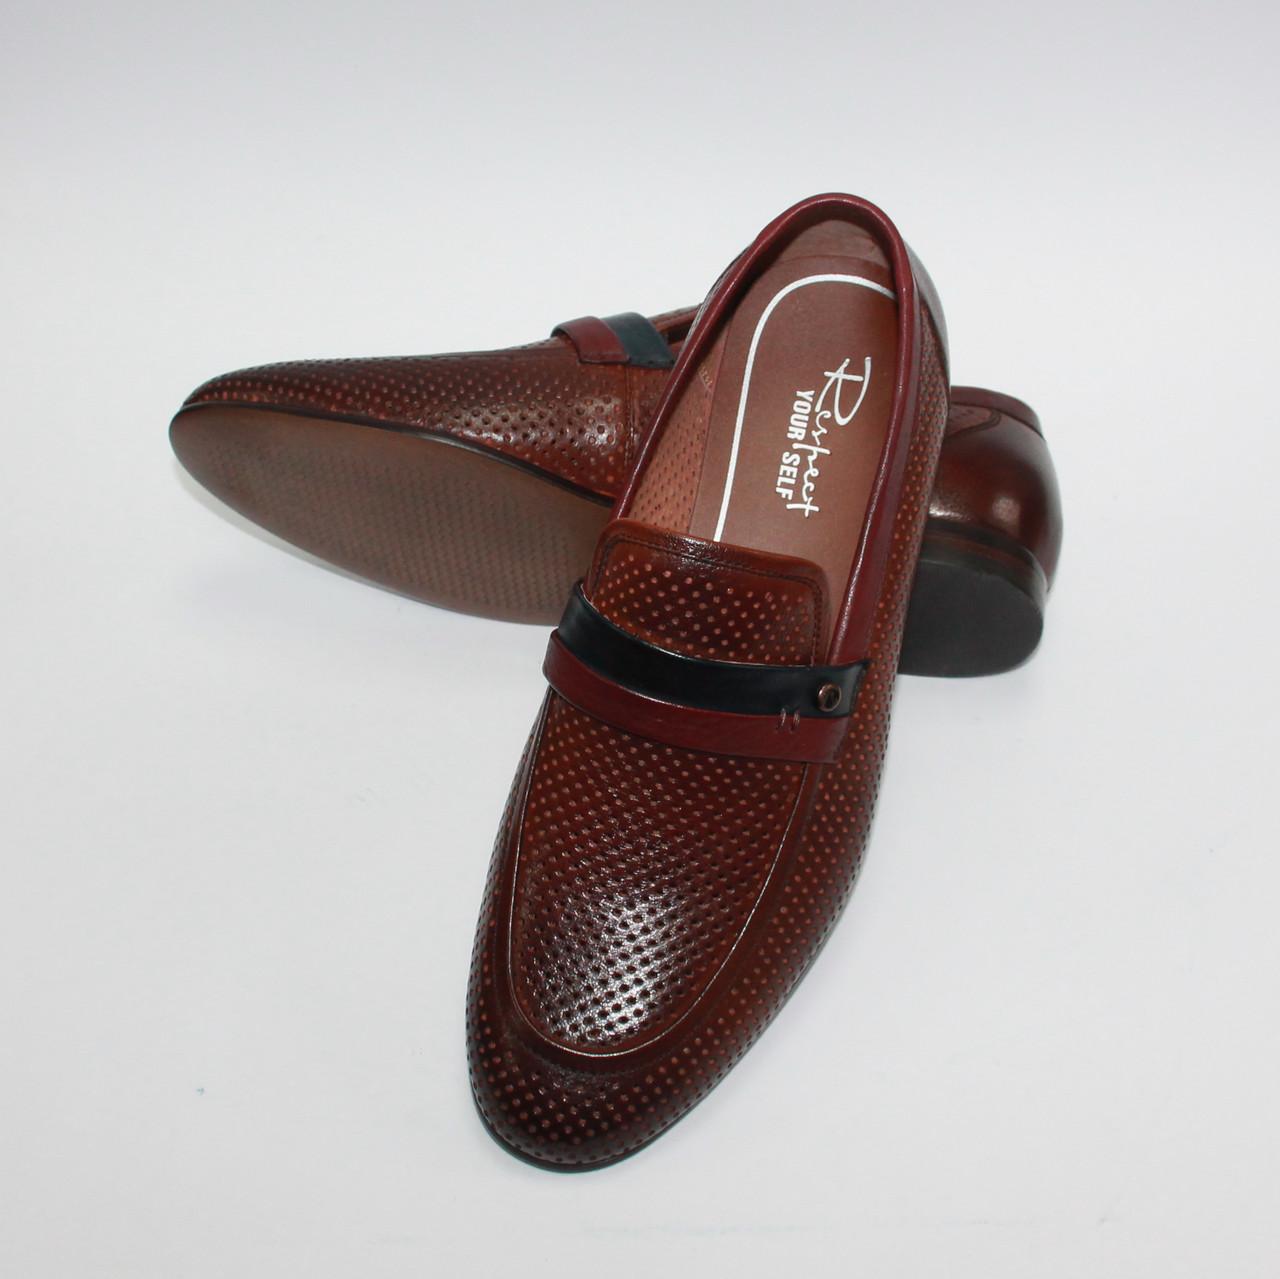 8a508550745b ... Мужские летние перфорированные туфли Respect натуральная кожа 43, ...